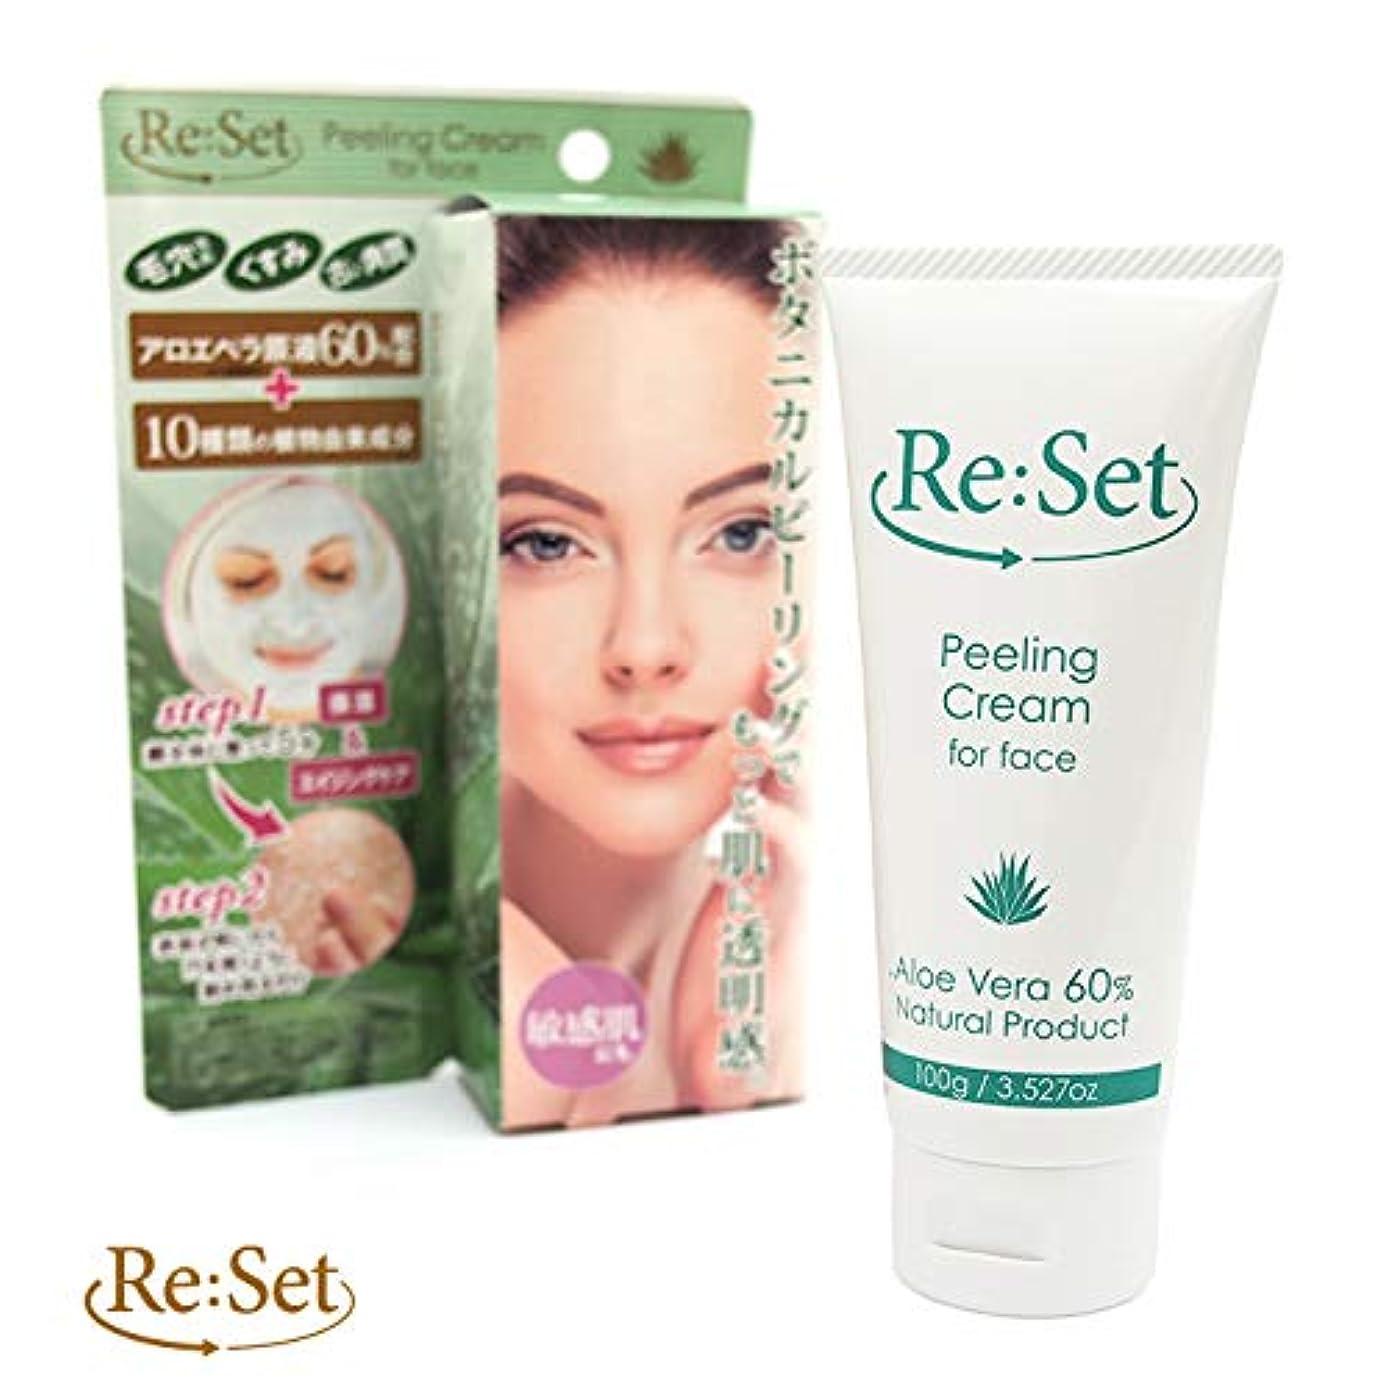 オーラルセール少ないRe:Set(リセット) 顔専用ピーリングクリーム